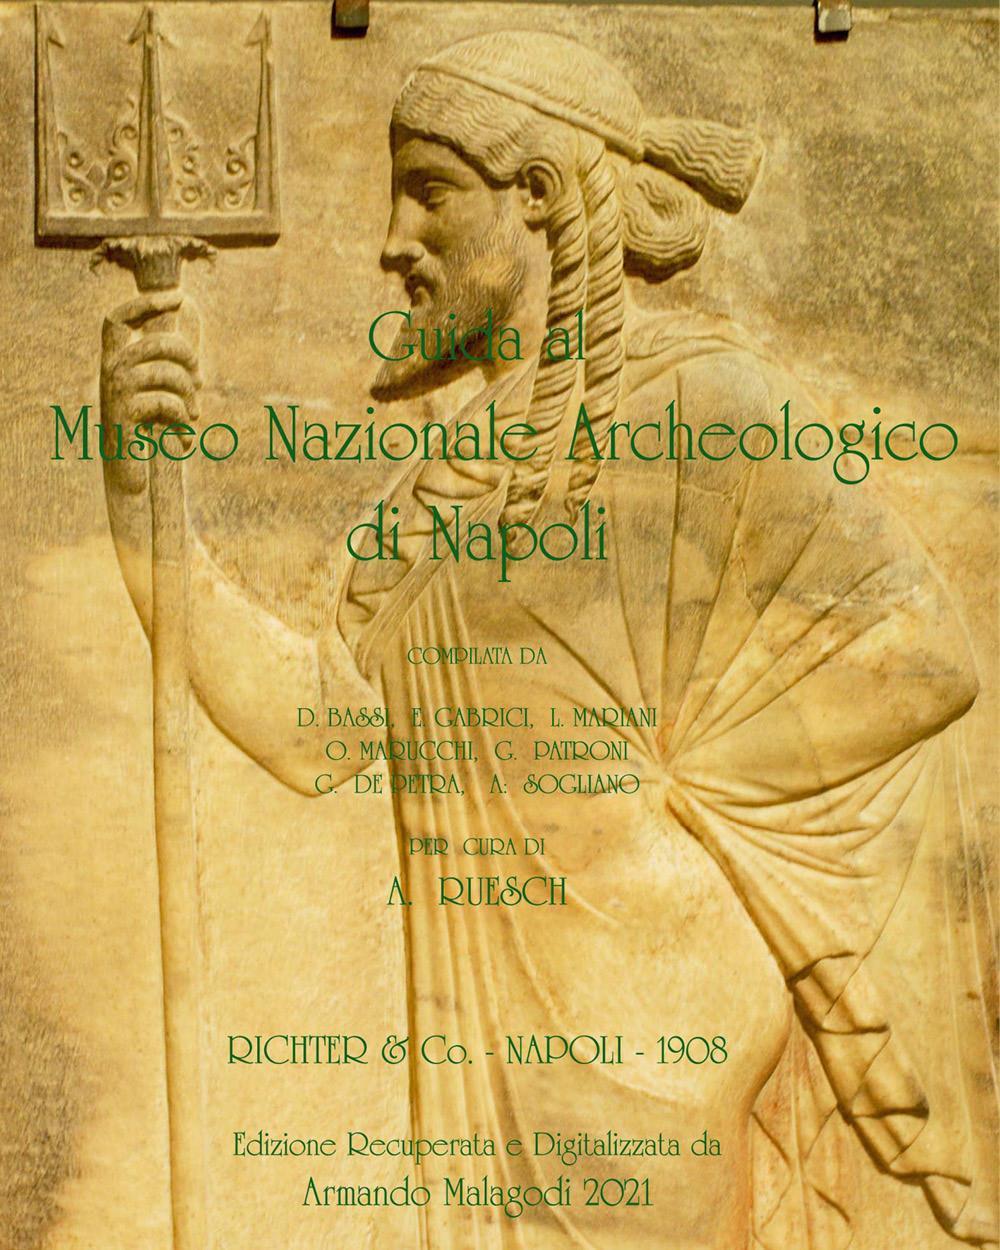 Guida al Museo Nazionale Archeologico di Napoli